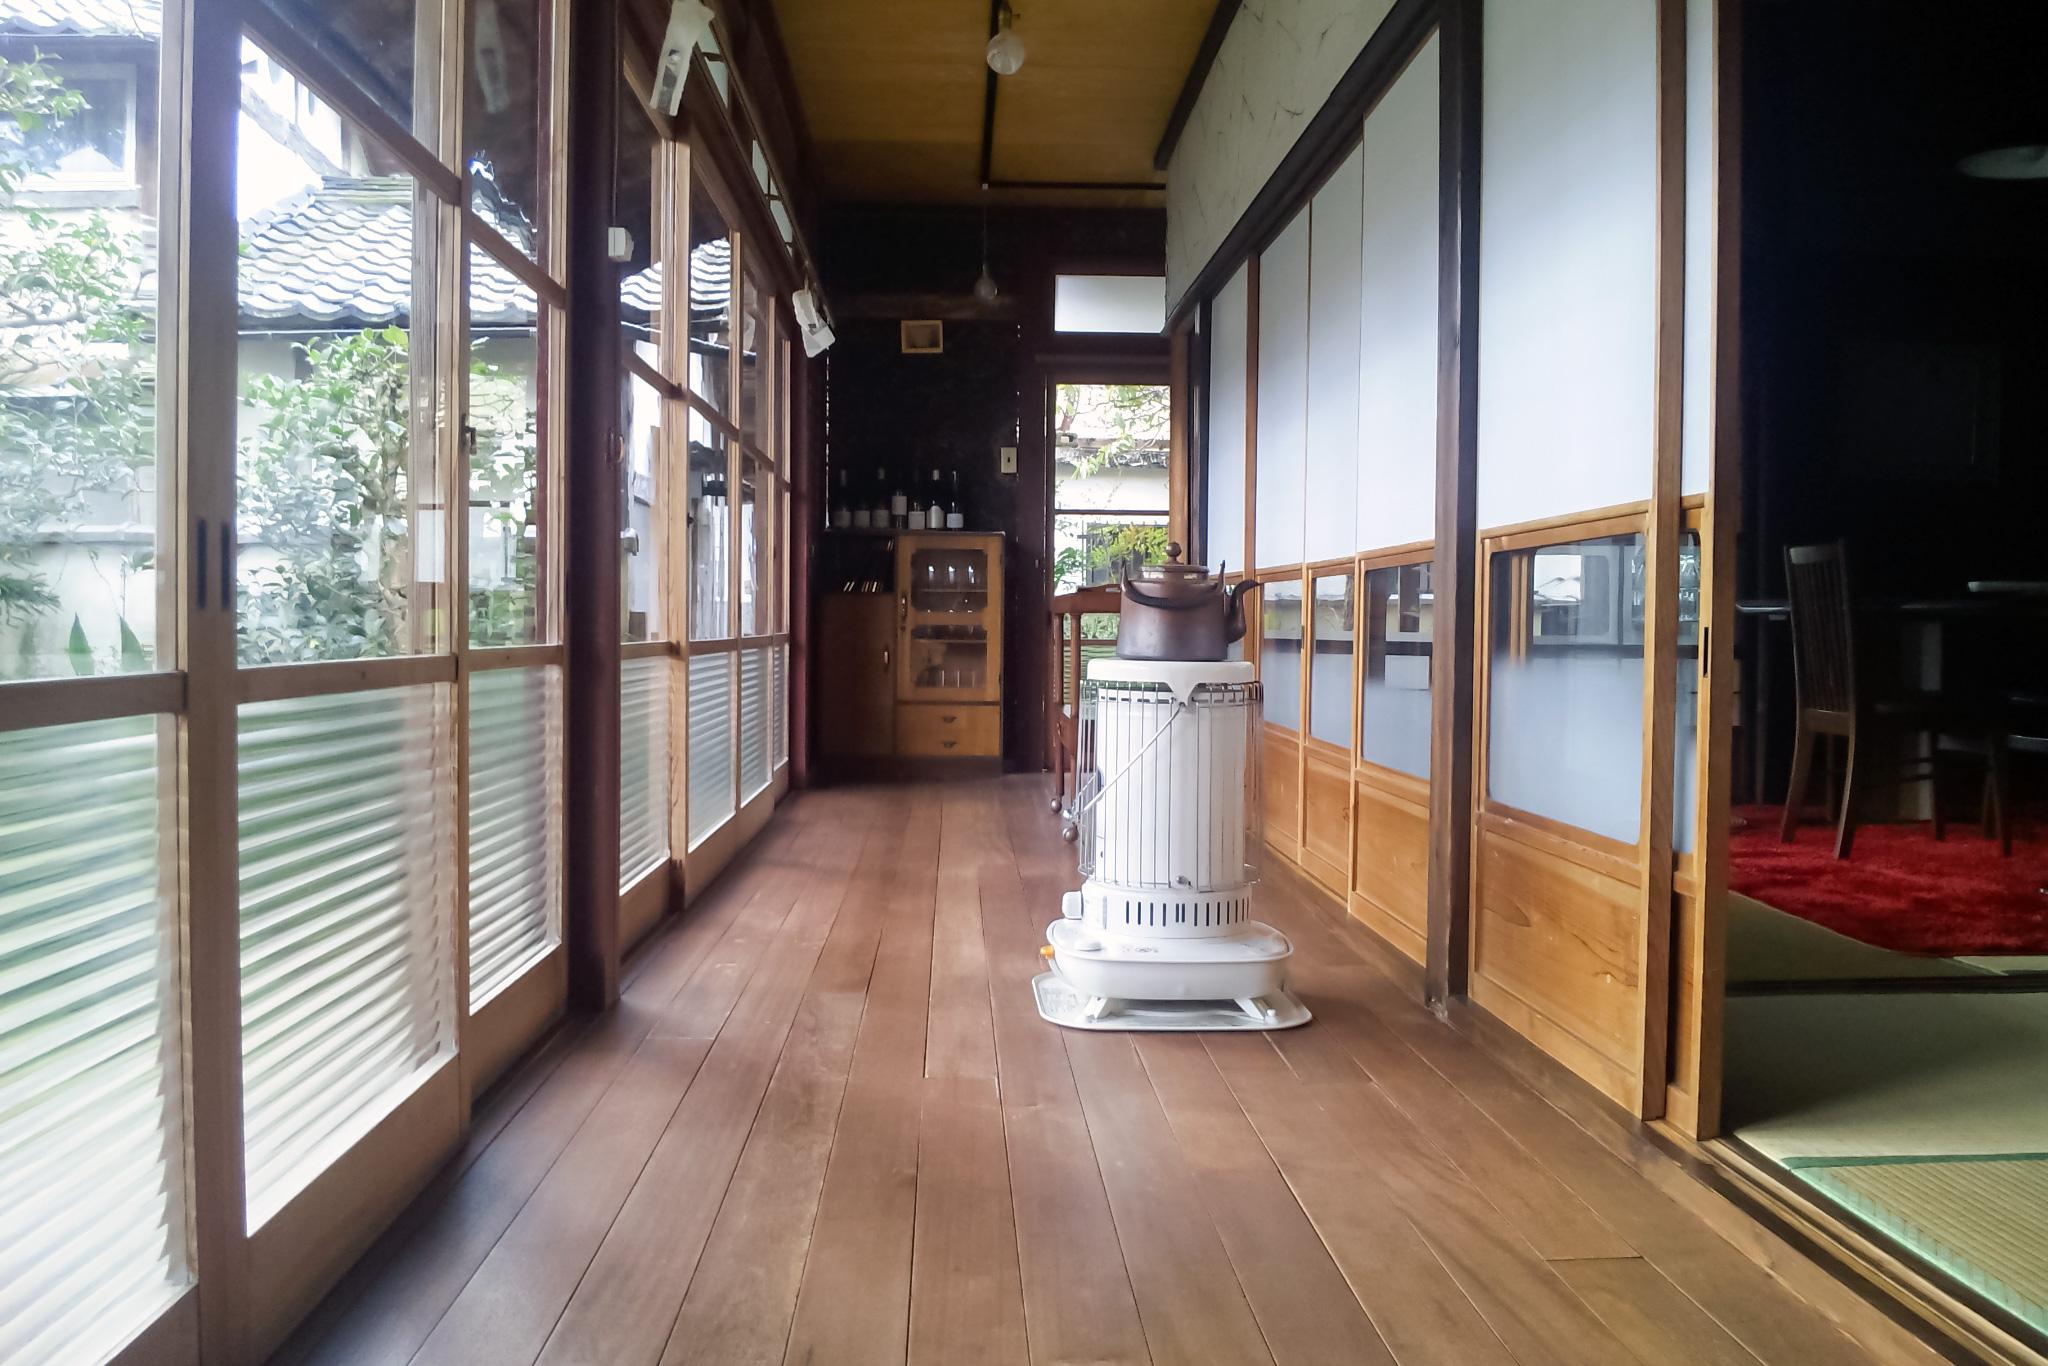 古民家 Restaurant 淳の縁側